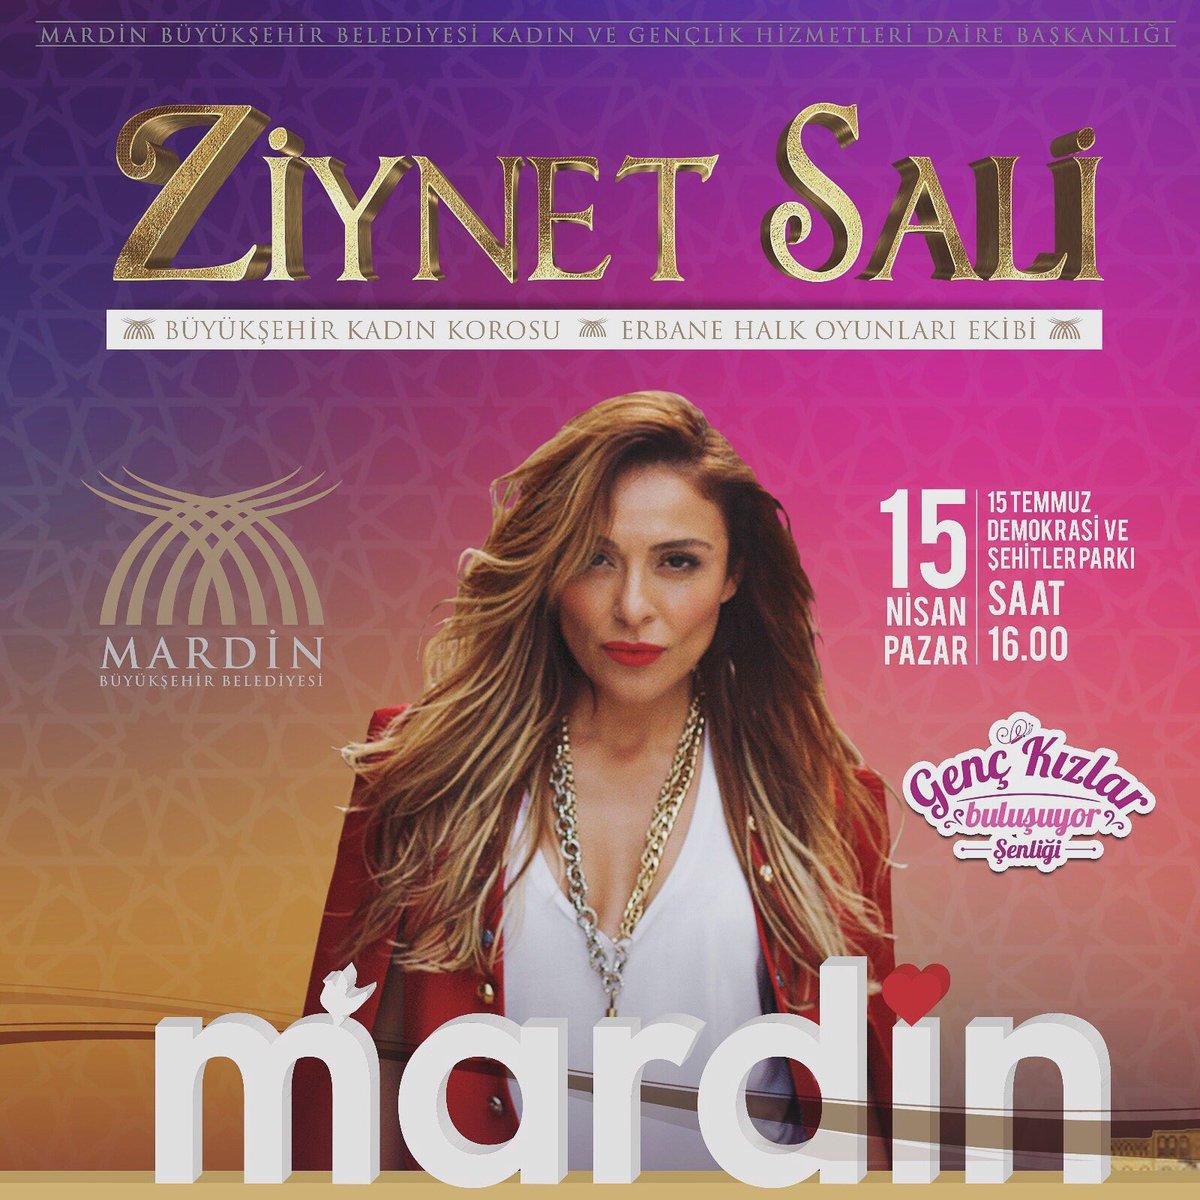 Kızlar hazır mıyızz?? Yarın #mardin de #gençkızlarşenliğinde coşacağız... 👯♀️👯♀️👯♀️💃🏼💃🏼💃🏼💃🏼👭👭👭👭